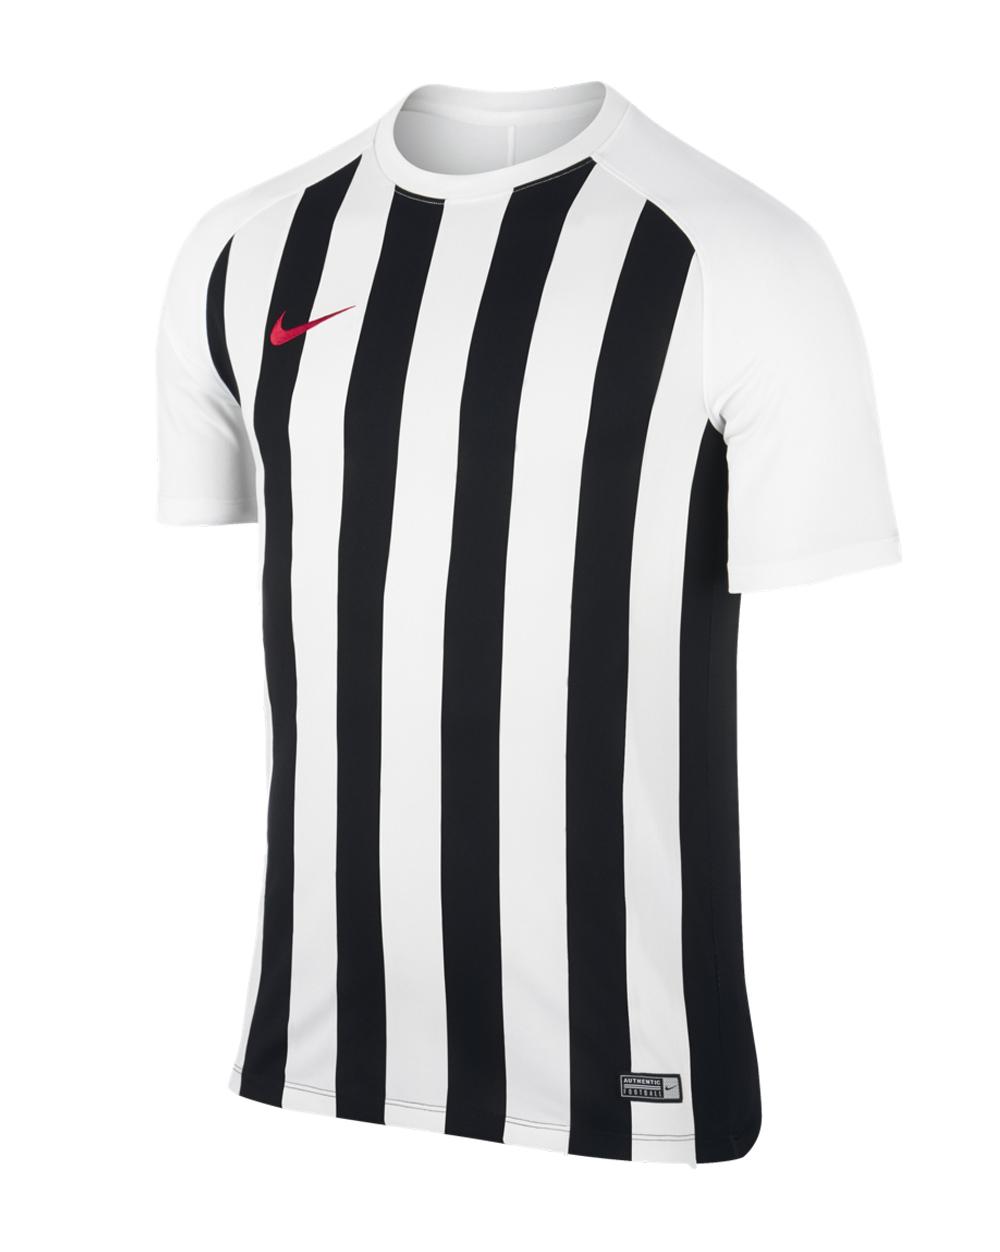 Segment Blancanegra Nike Camisetas Striped Iii Camiseta 0wPXnk8O